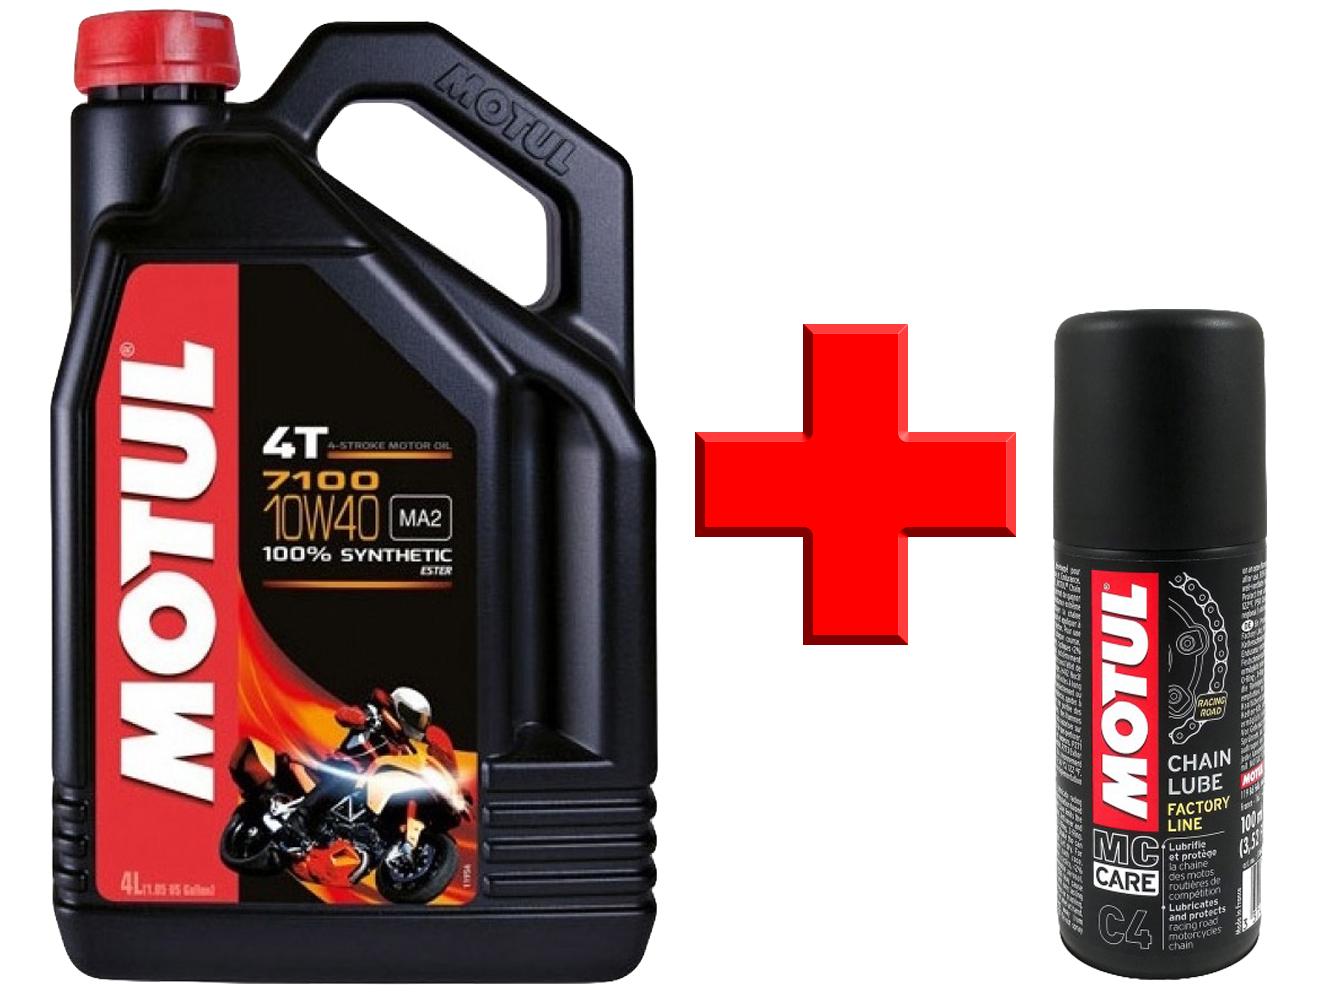 Motul 7100 4T 10W-40 (SN/MA2) 4л + C1 Chain clean 100мл